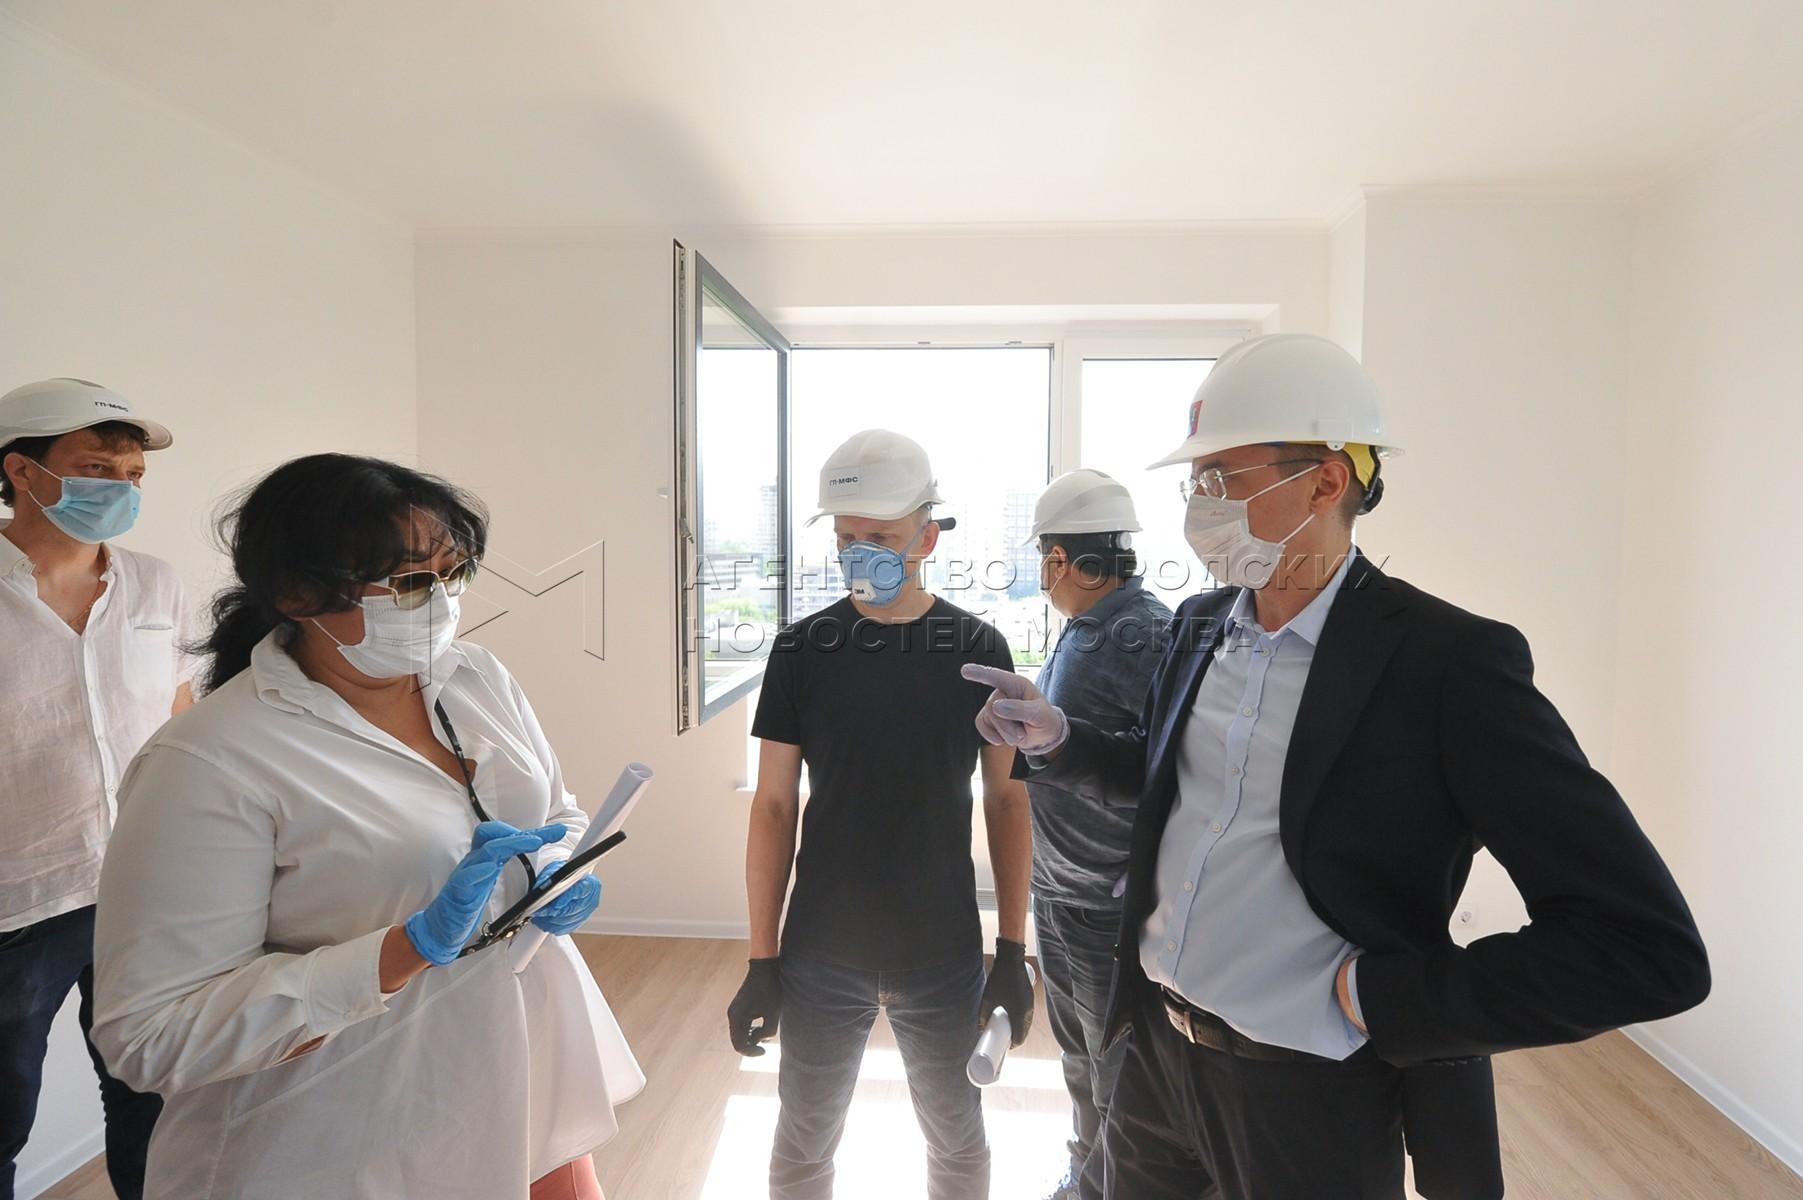 Показ жилого дома для переселения по программе реновации на Профсоюзной улице